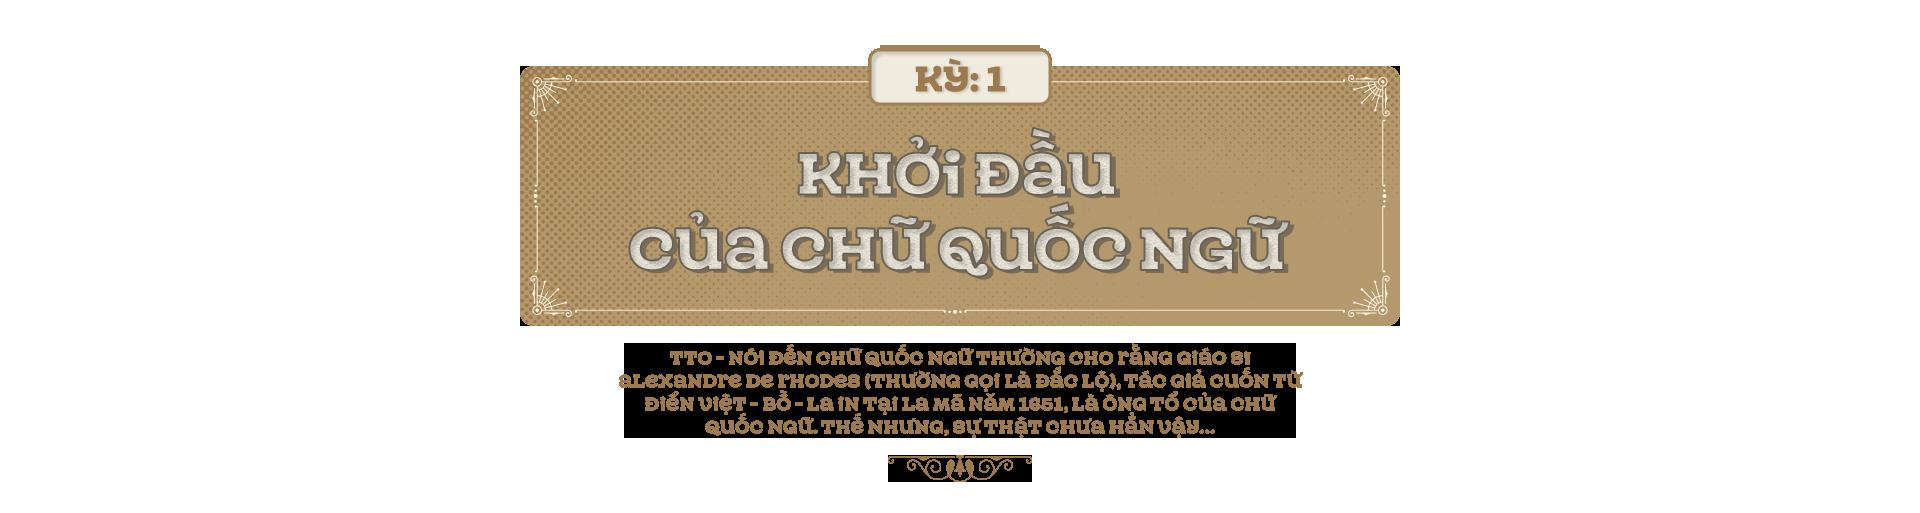 Kỳ 1: Khởi đầu của chữ quốc ngữ - Ảnh 1.